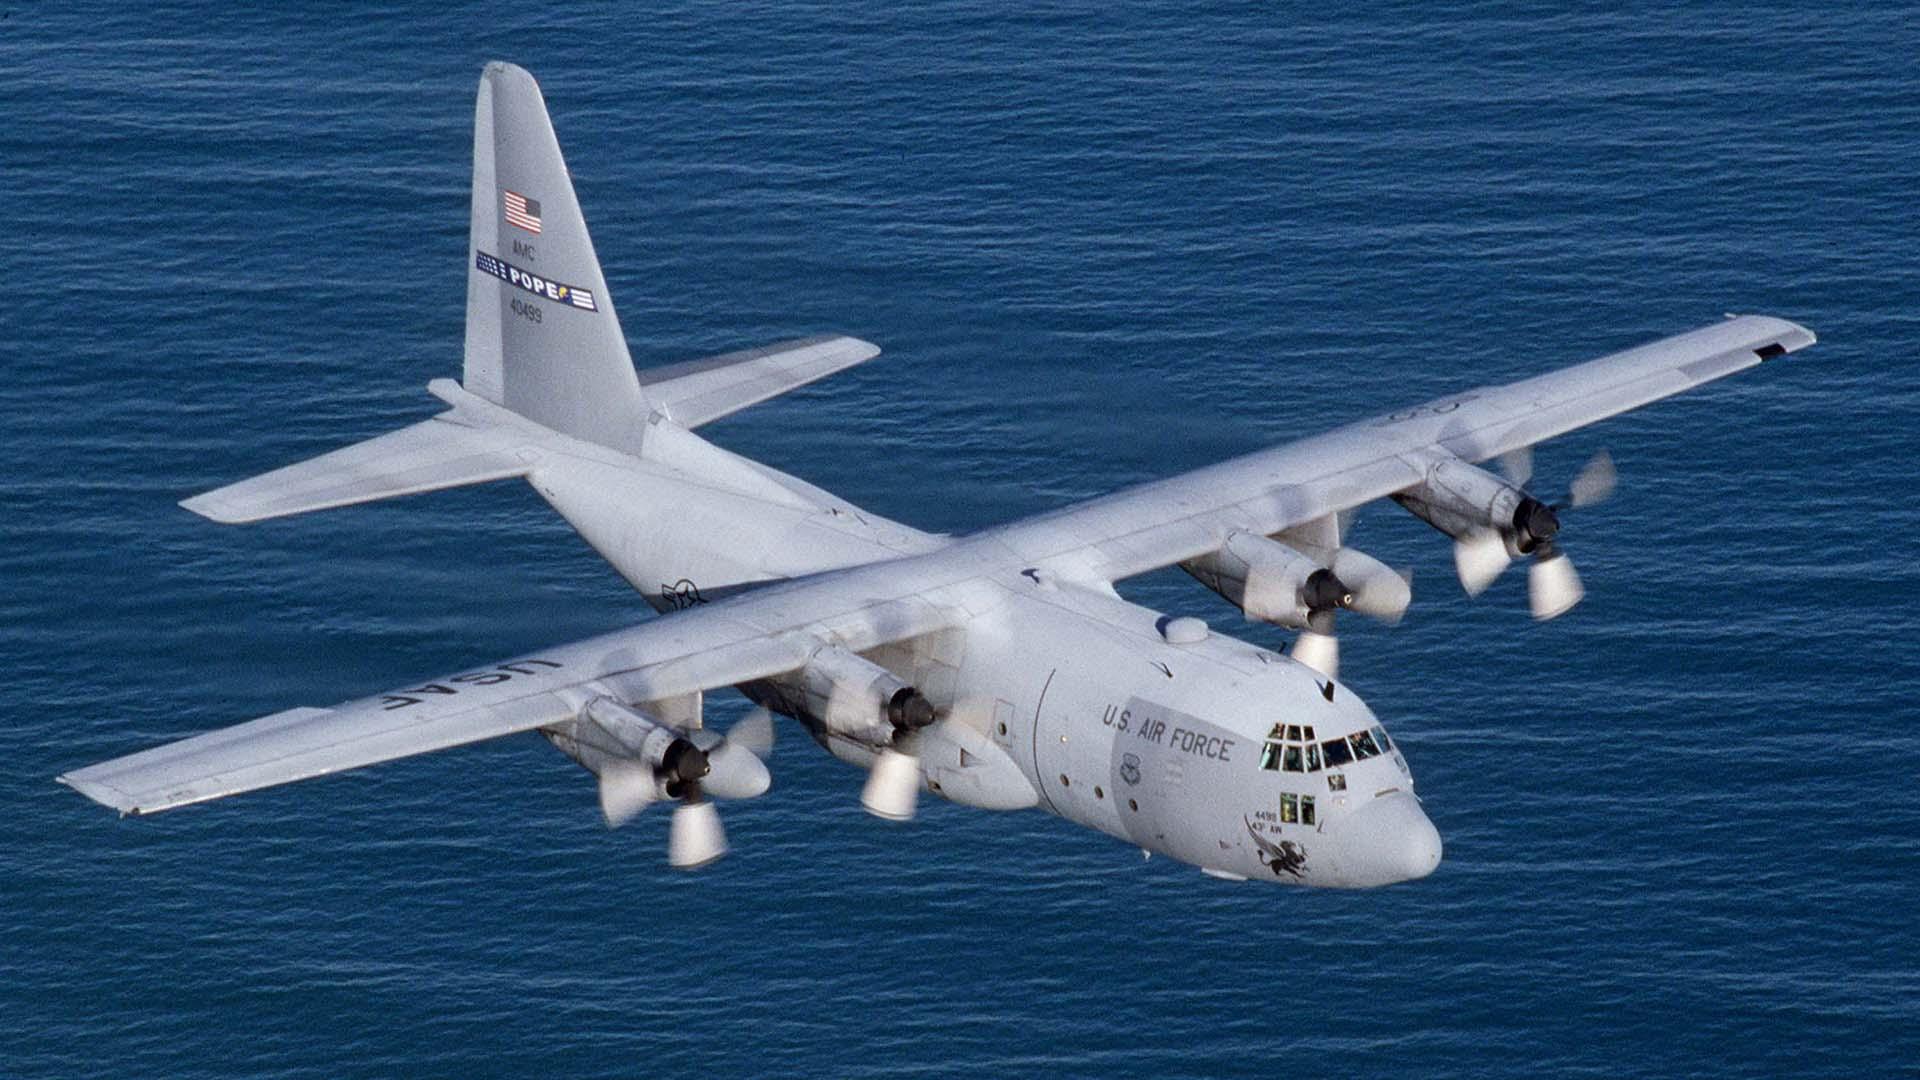 Un avión de reabastecimiento de combustible KC-130 como el accidentado